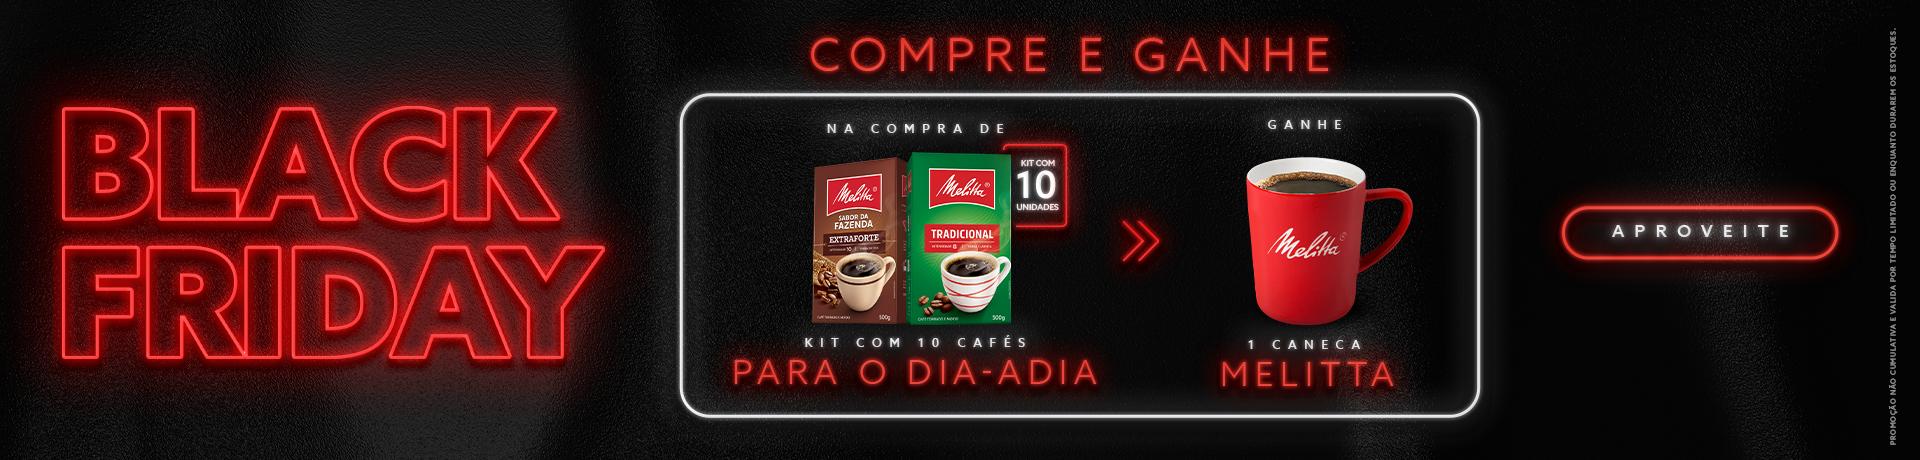 Compre Kit 10 - Ganhe Caneca